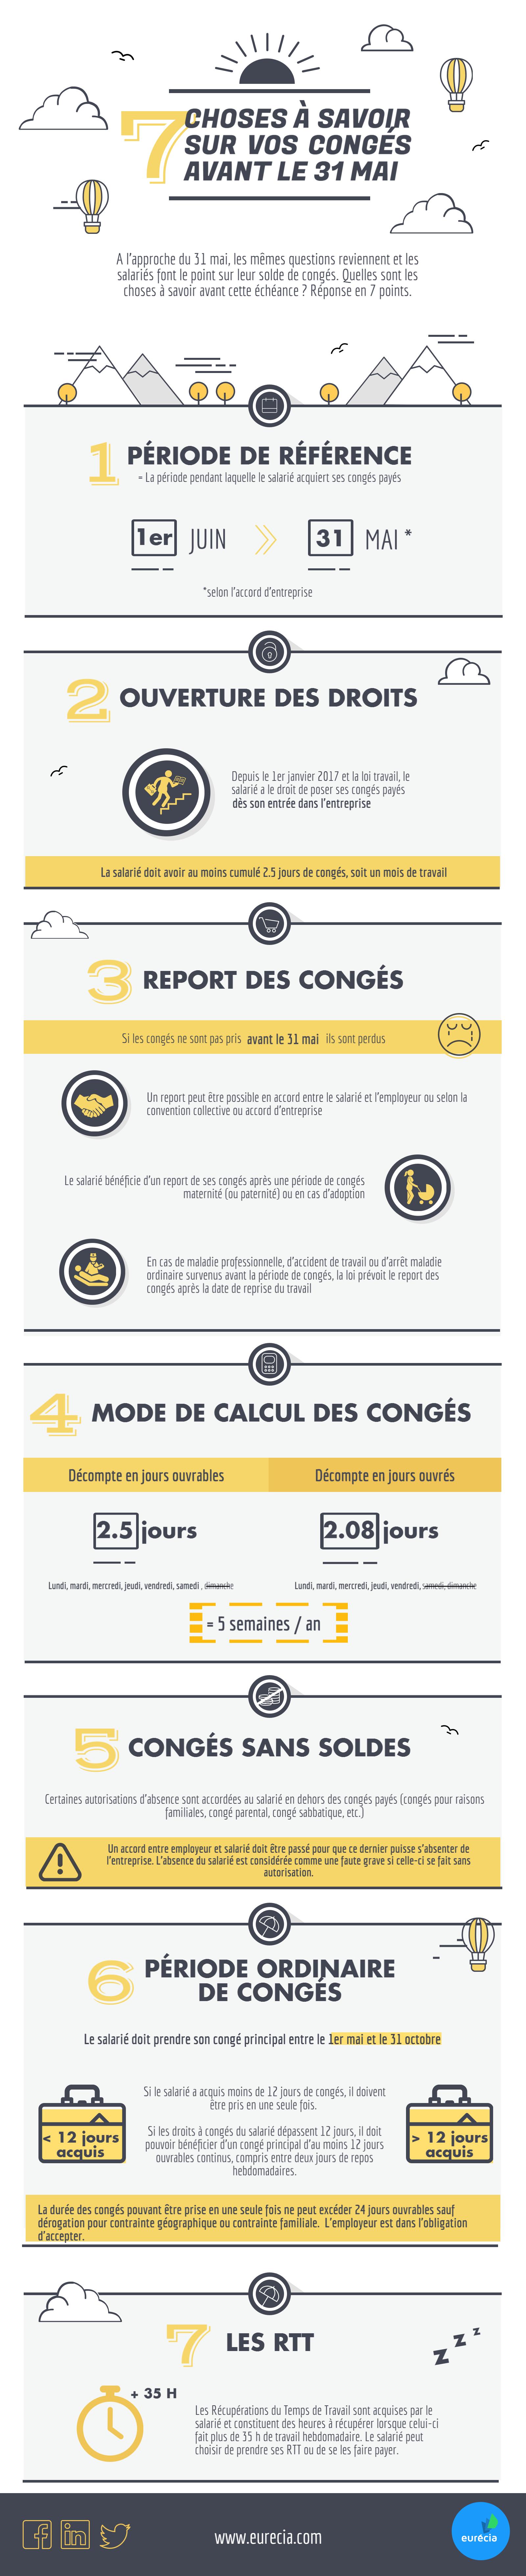 7_choses_a_savoir_sur_vos_conges_avant_le_31mai.png